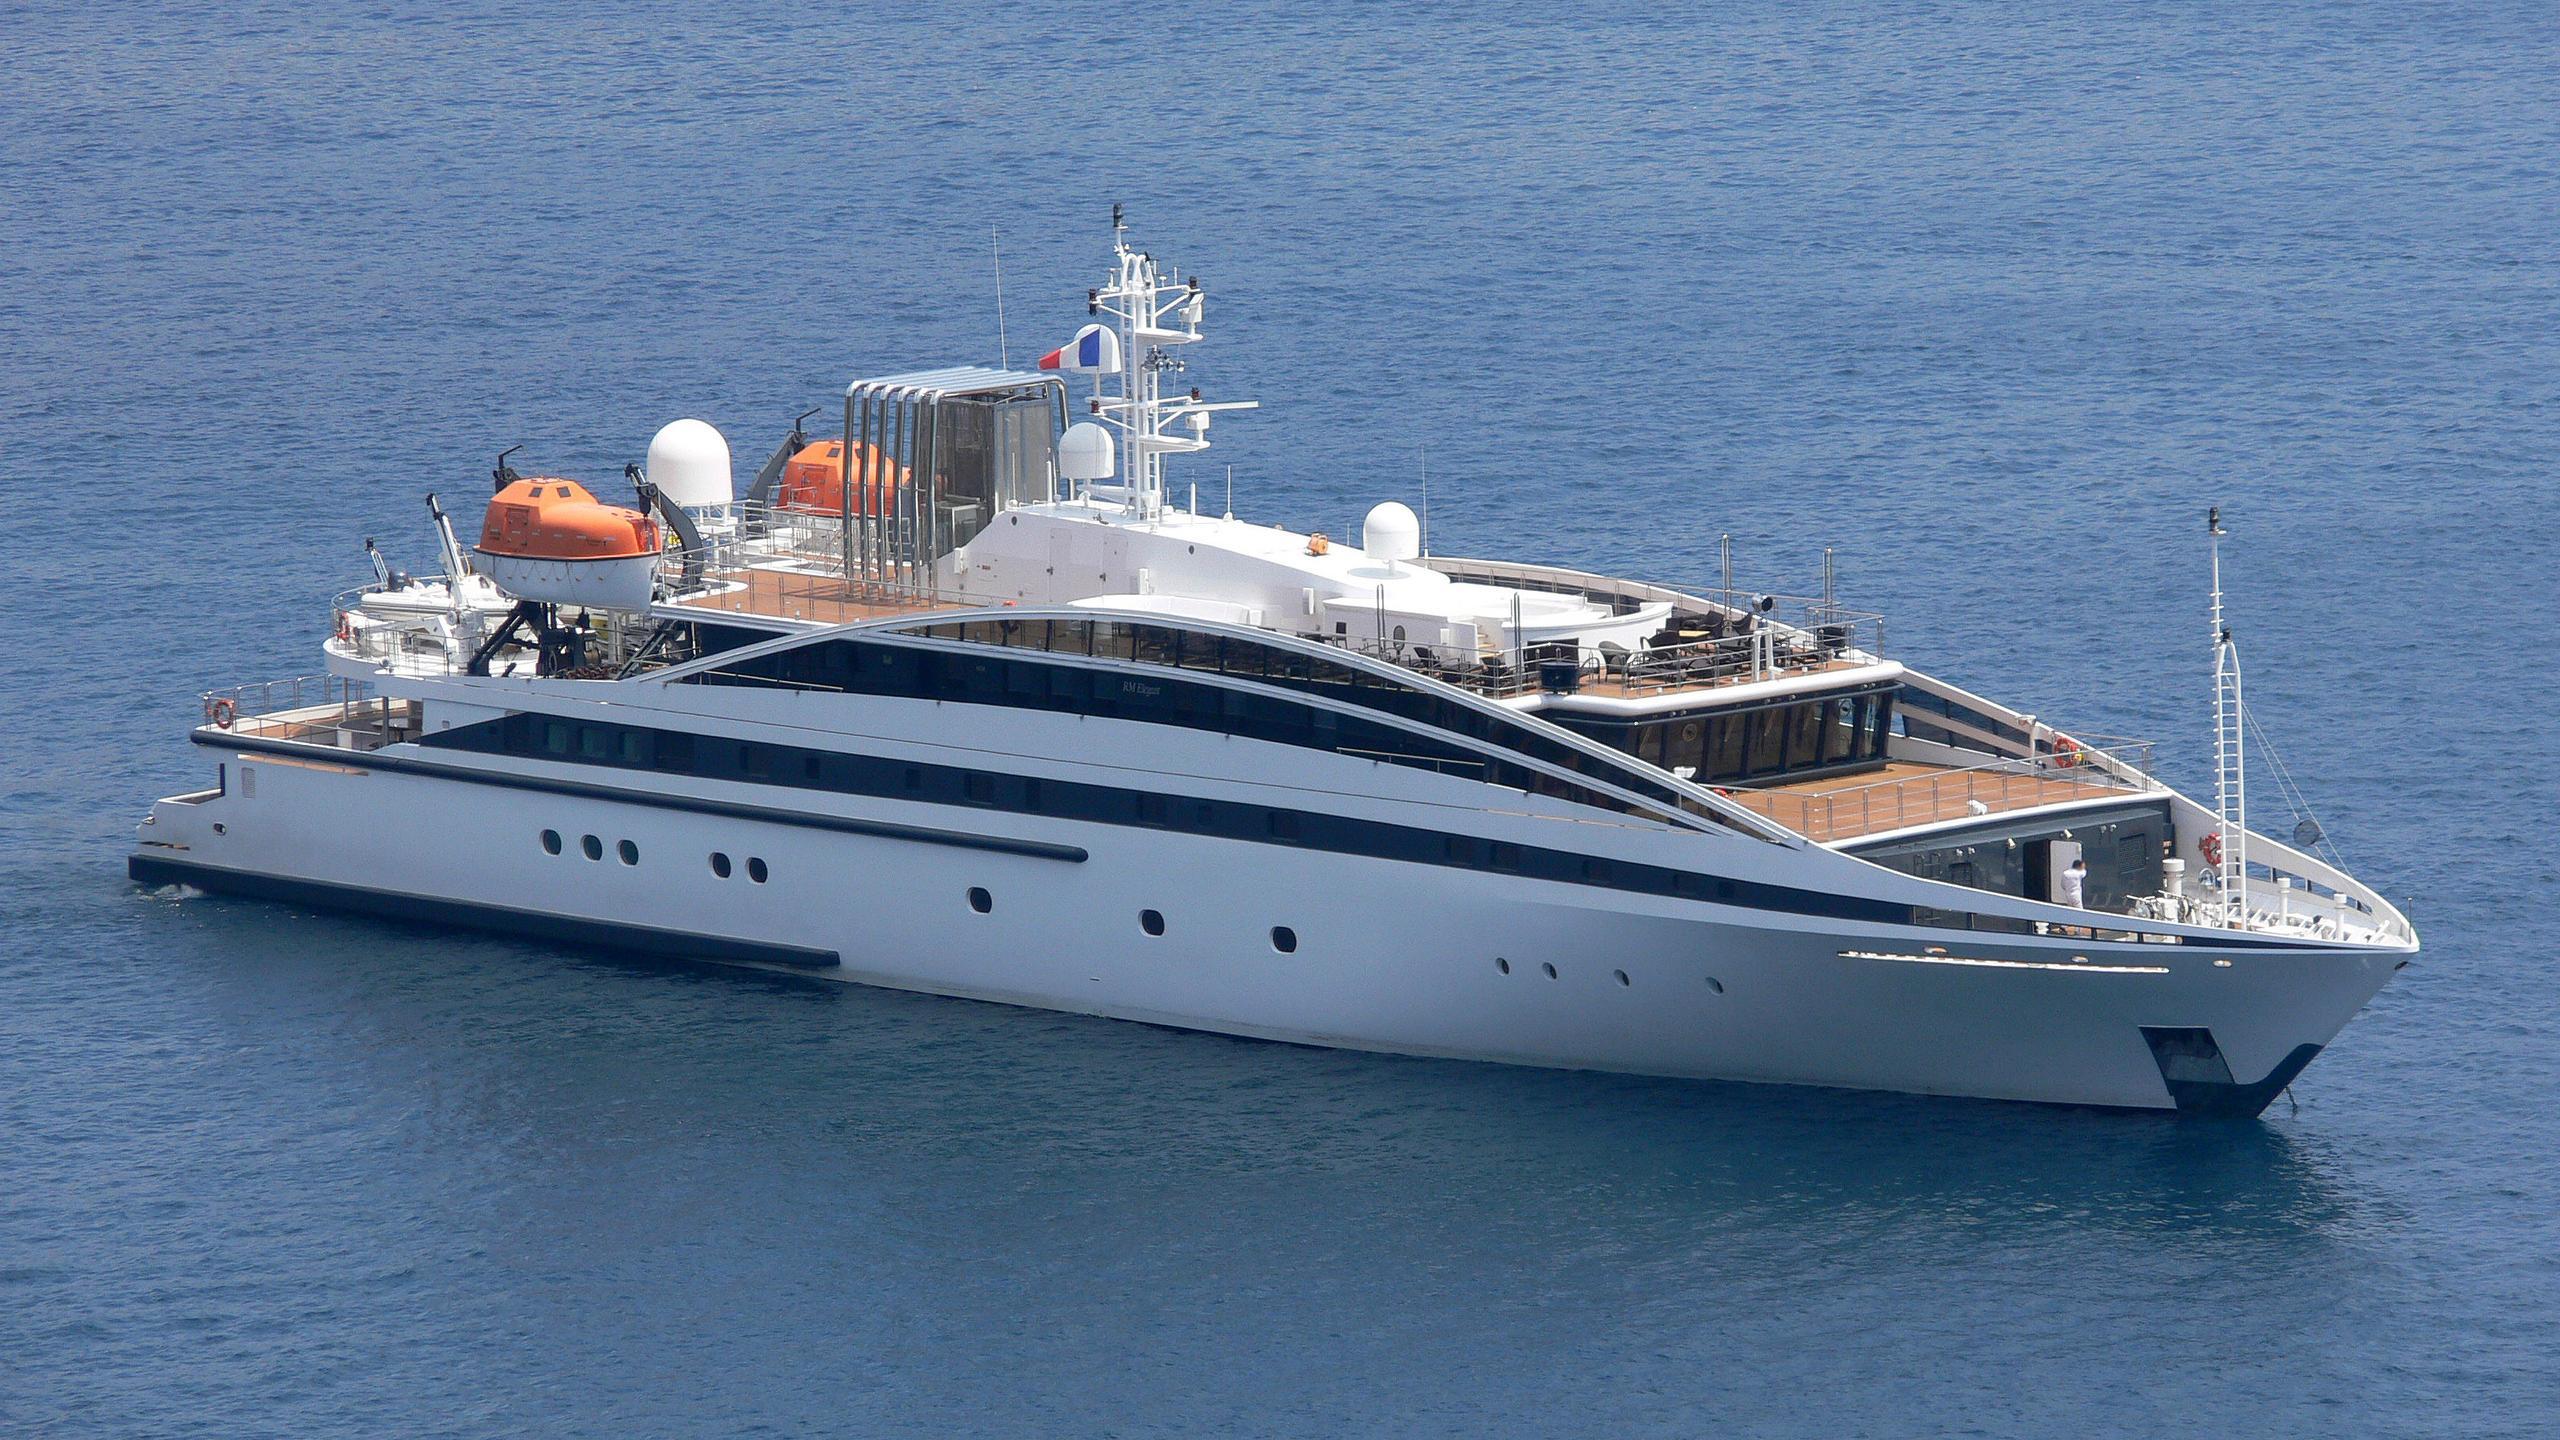 elegant-007-rm-elegant--motor-yacht-lamda-2005-72m-profile